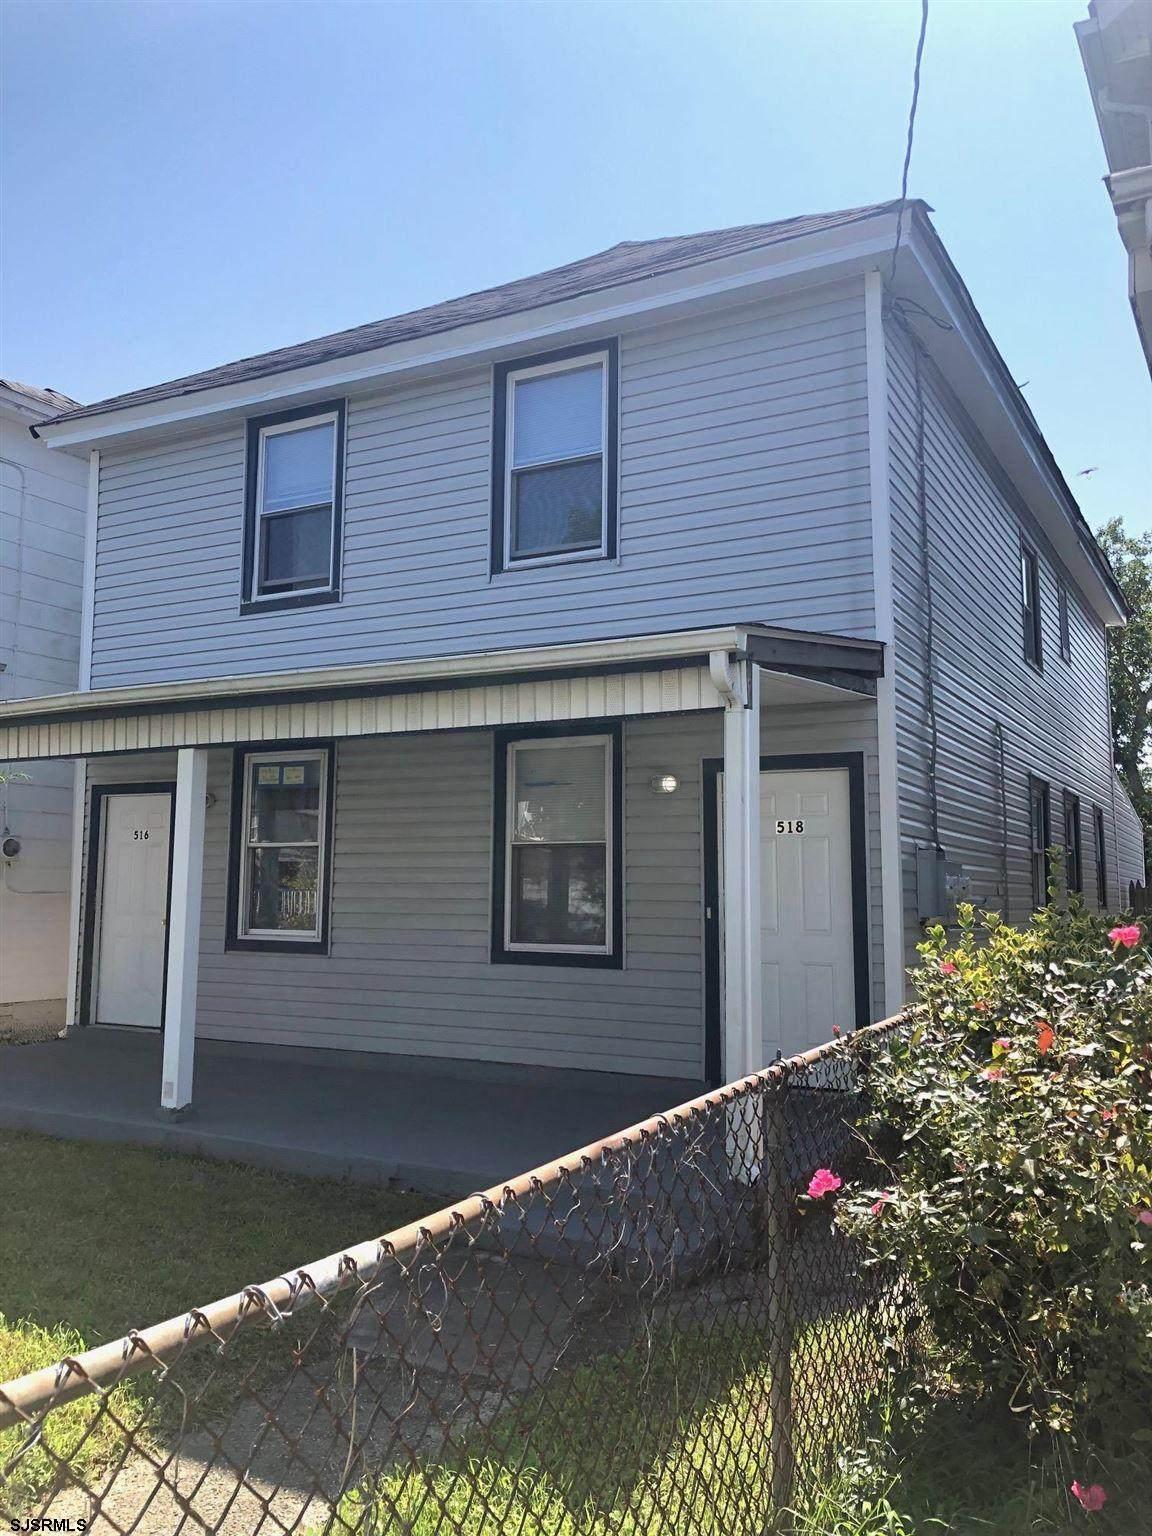 516-518 Indiana Ave - Photo 1